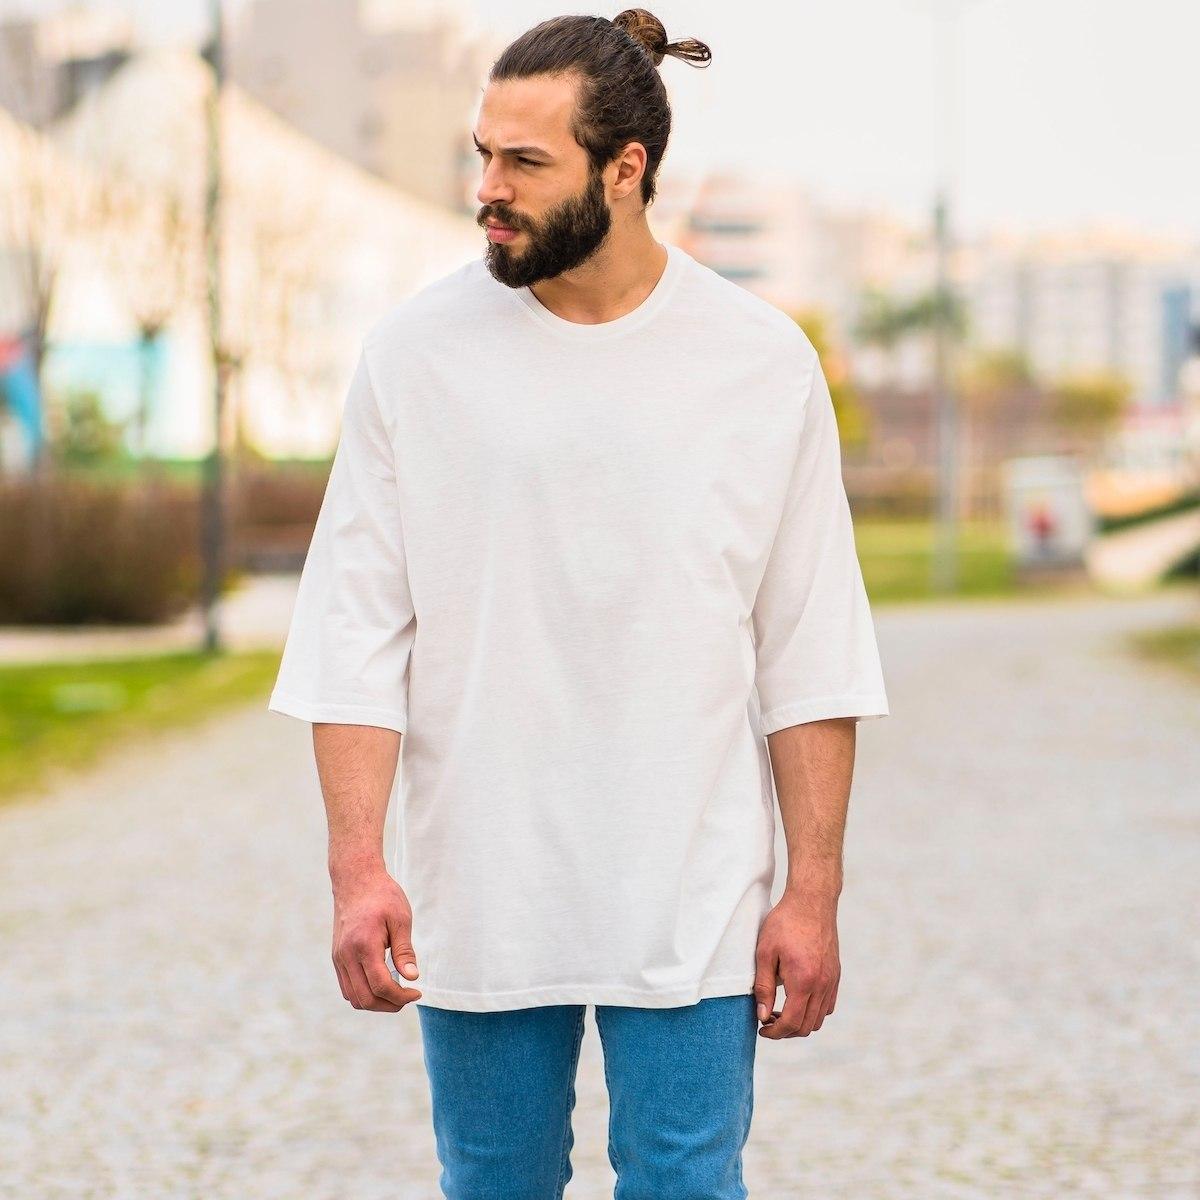 Men's Oversize Basic T-Shirt In White